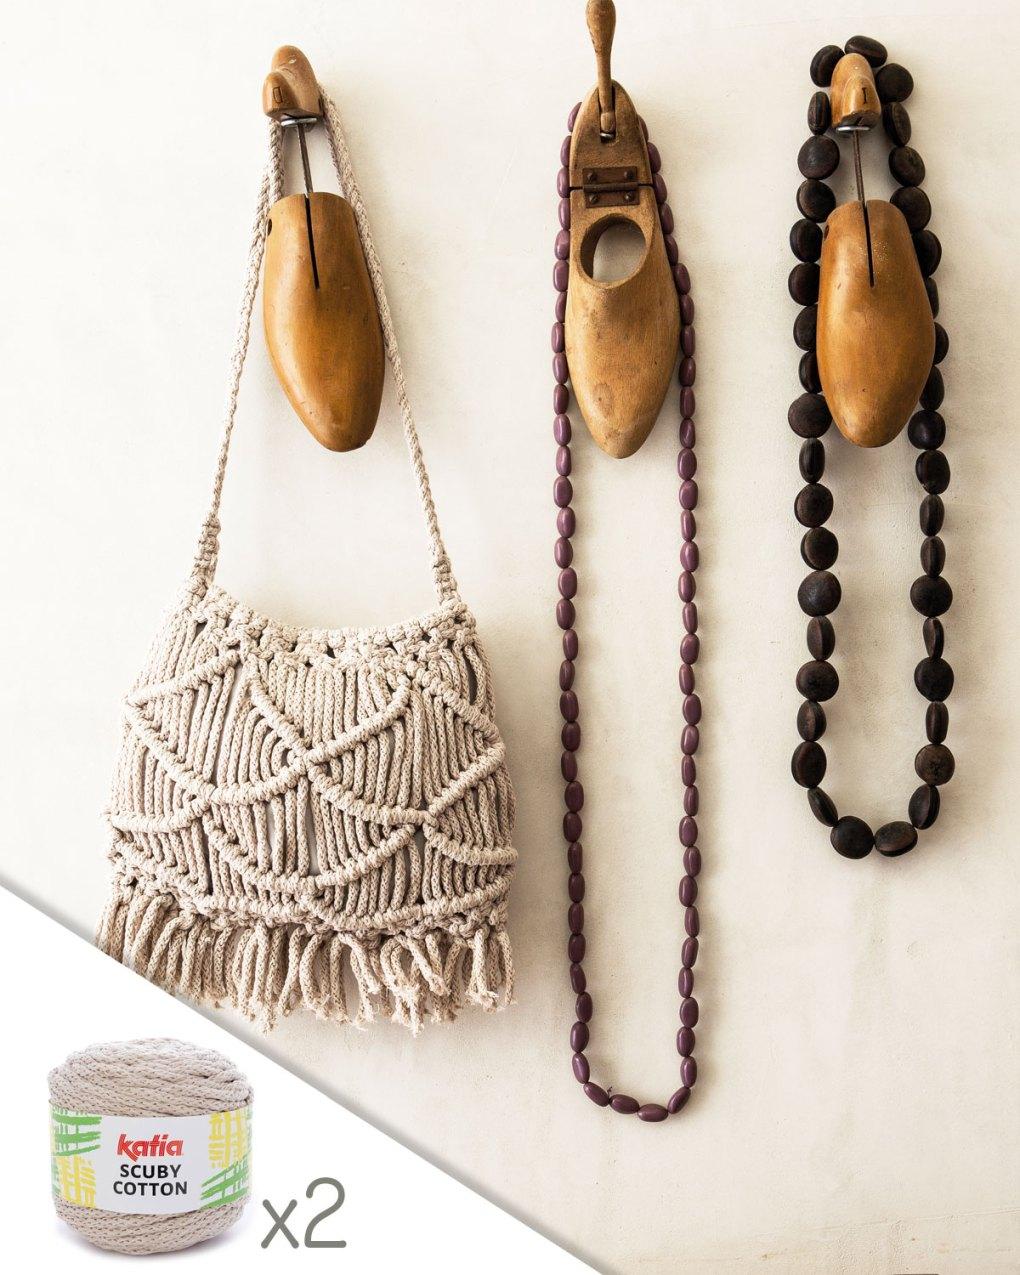 catalogue-habitat-3-décoration-maison macrame sac